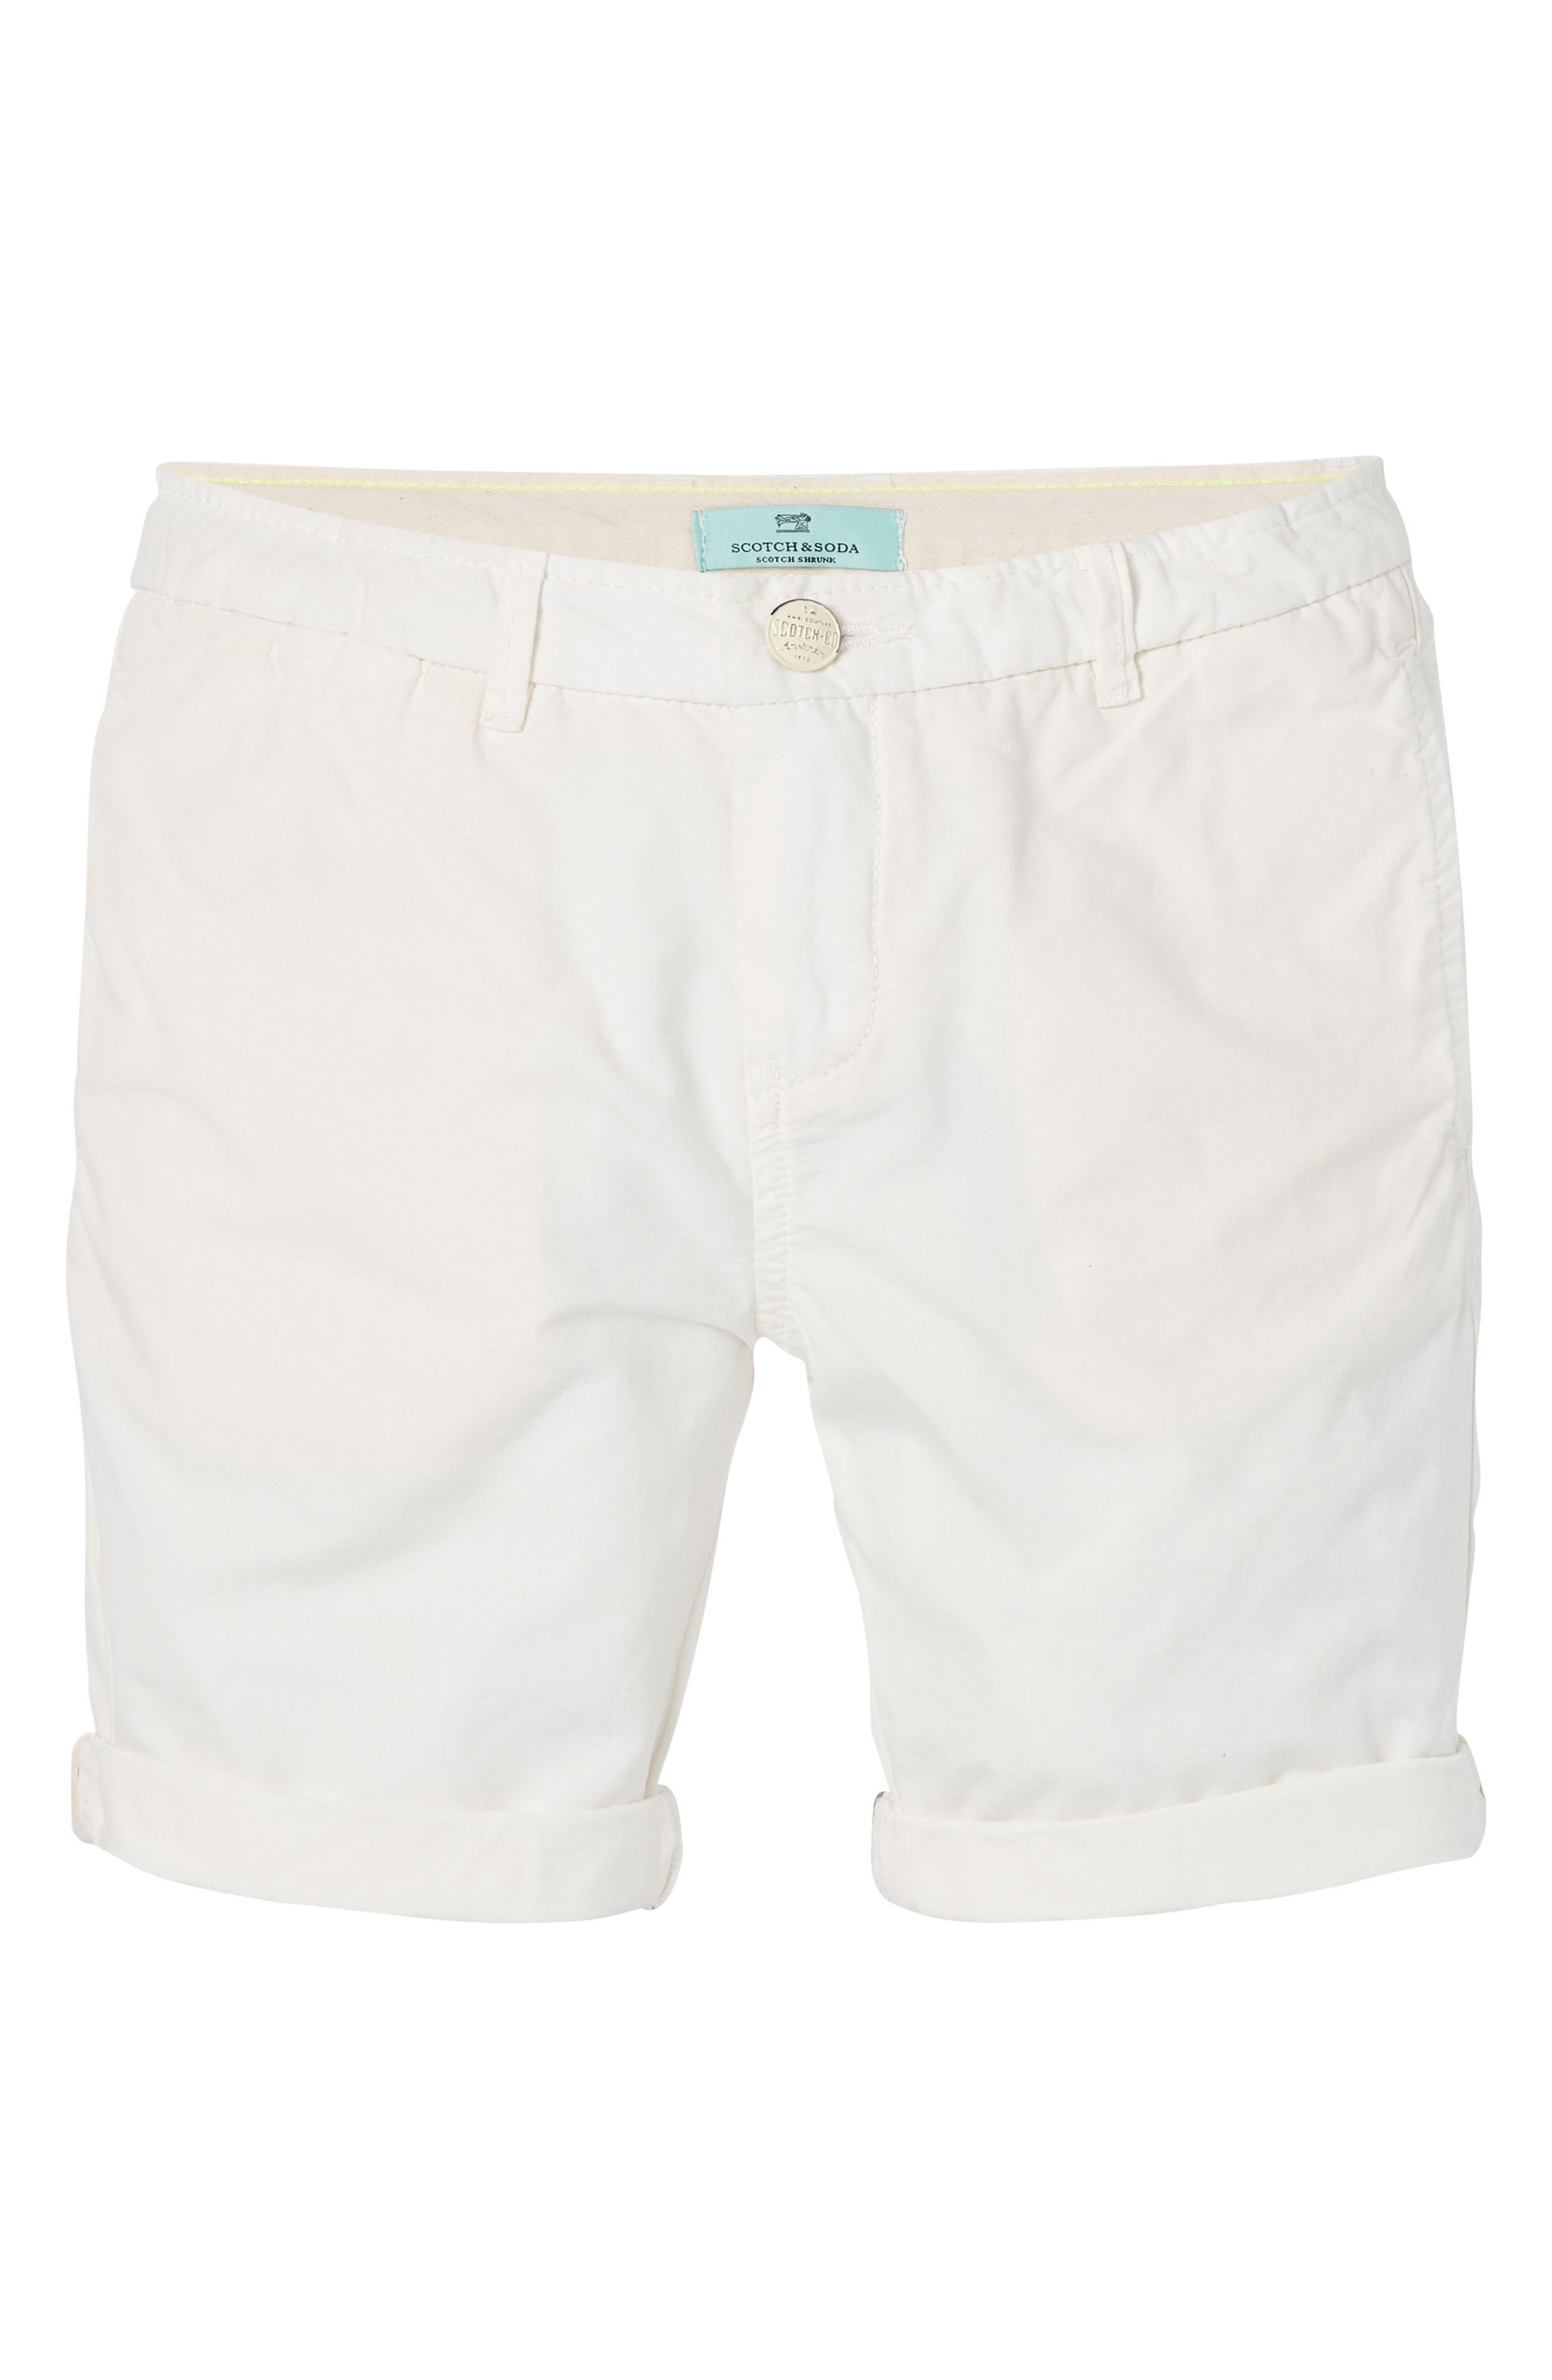 Poplin Shorts,                             Main thumbnail 1, color,                             100